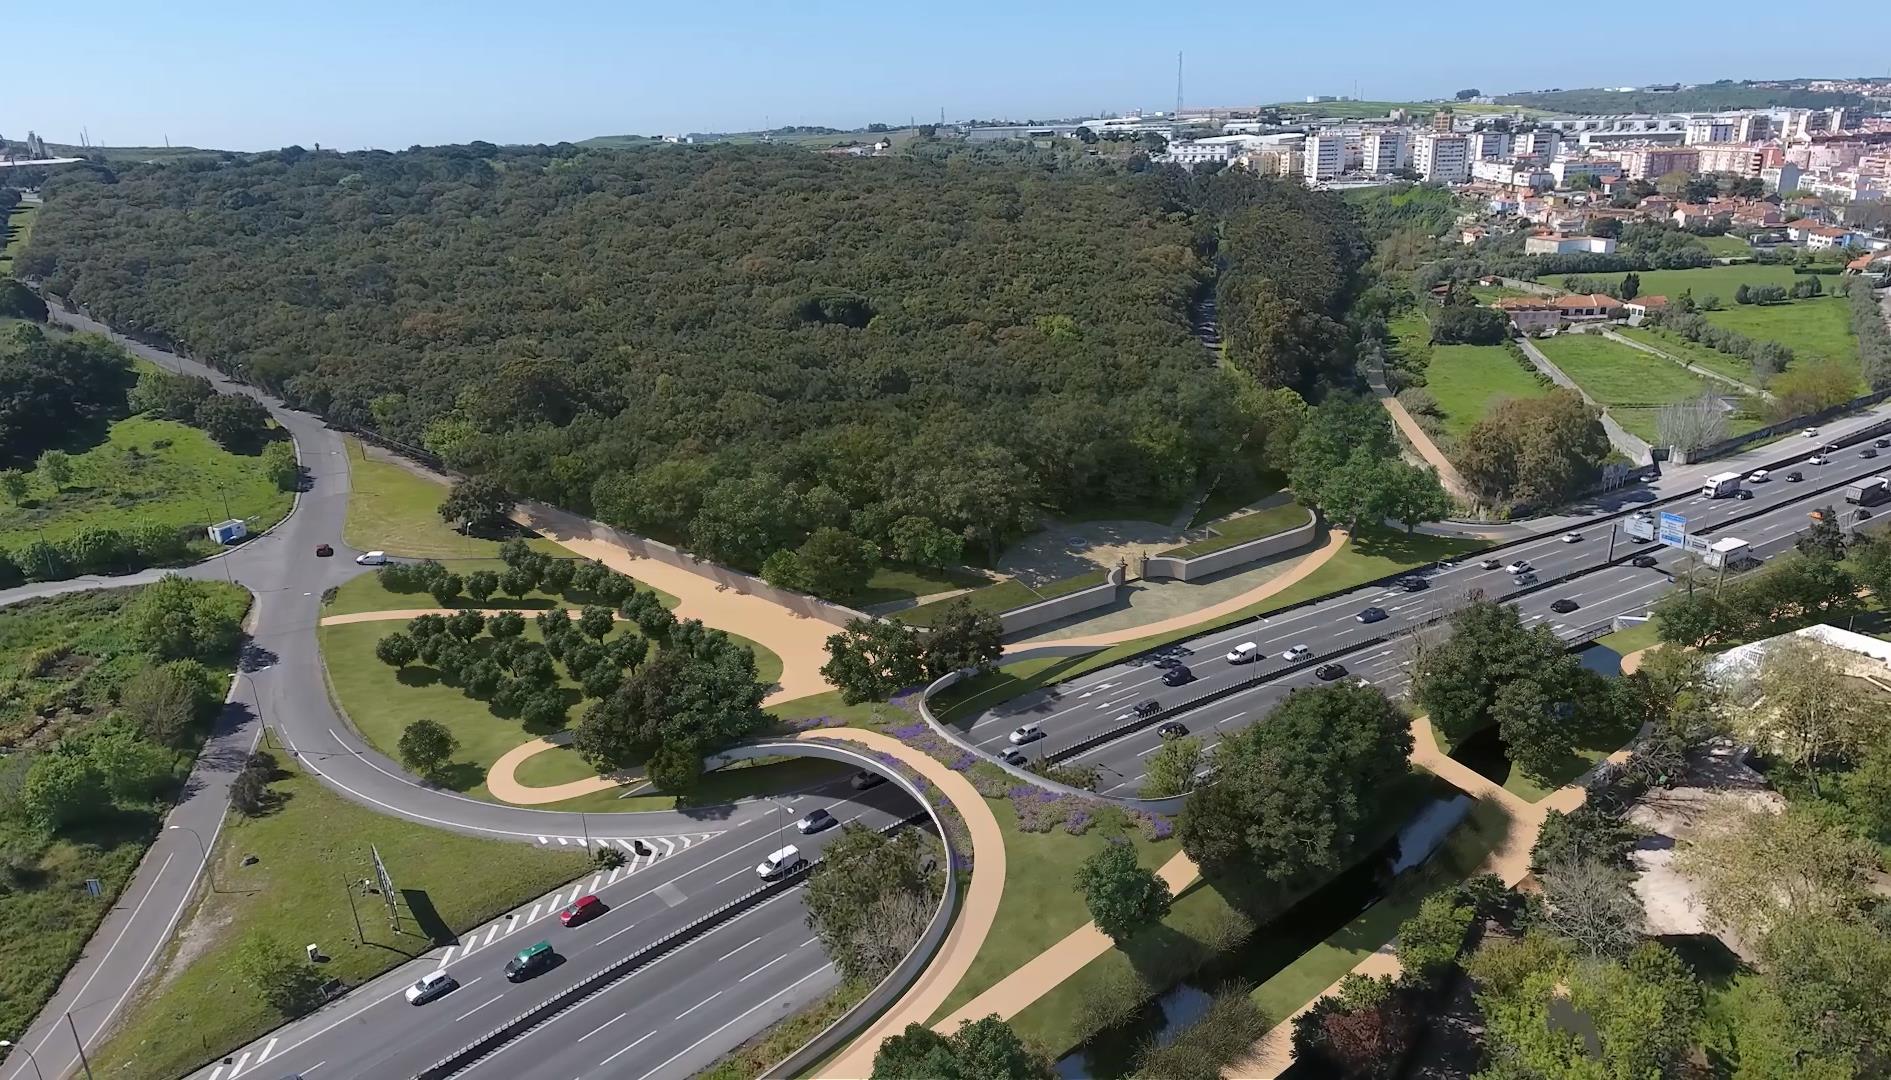 Universidade do Minho premeia Sintra por projetos de requalificação urbana - Sintra Notícias